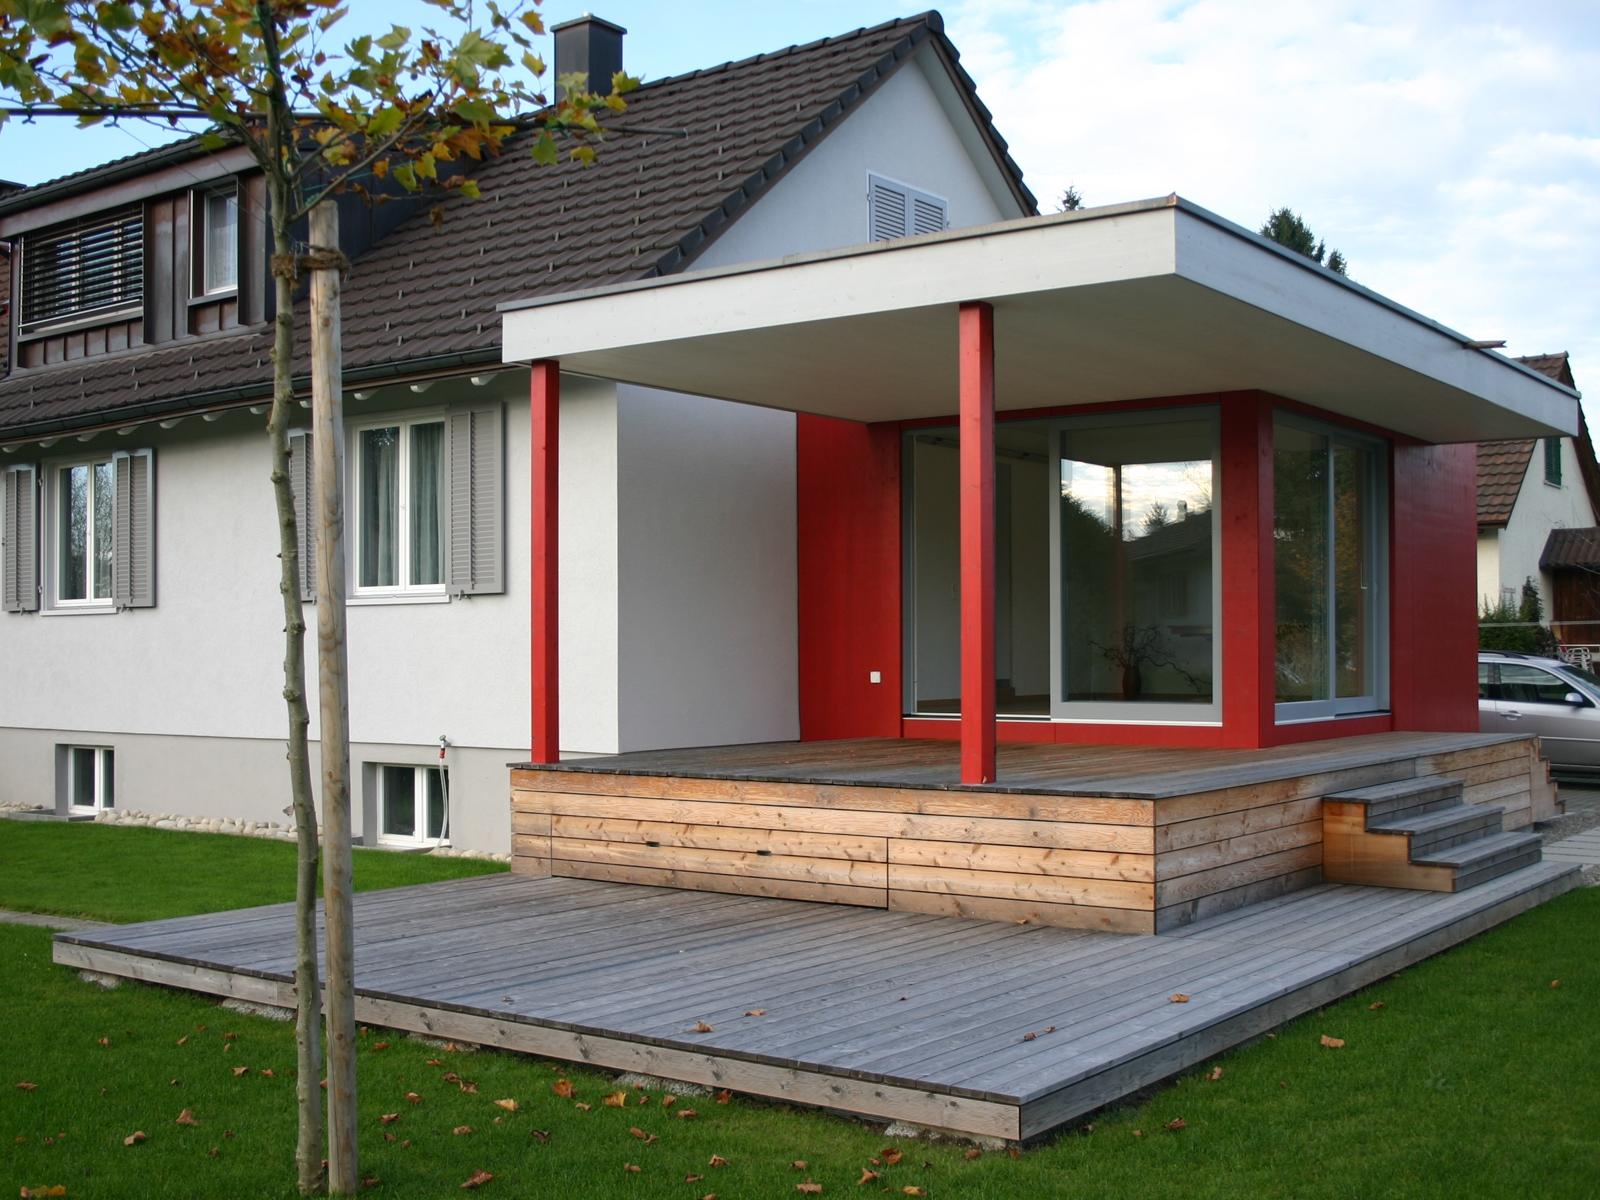 Wohnraumerweiterung wetzikon zh 2005 bis 2006 - Bachmann badie architekten ...